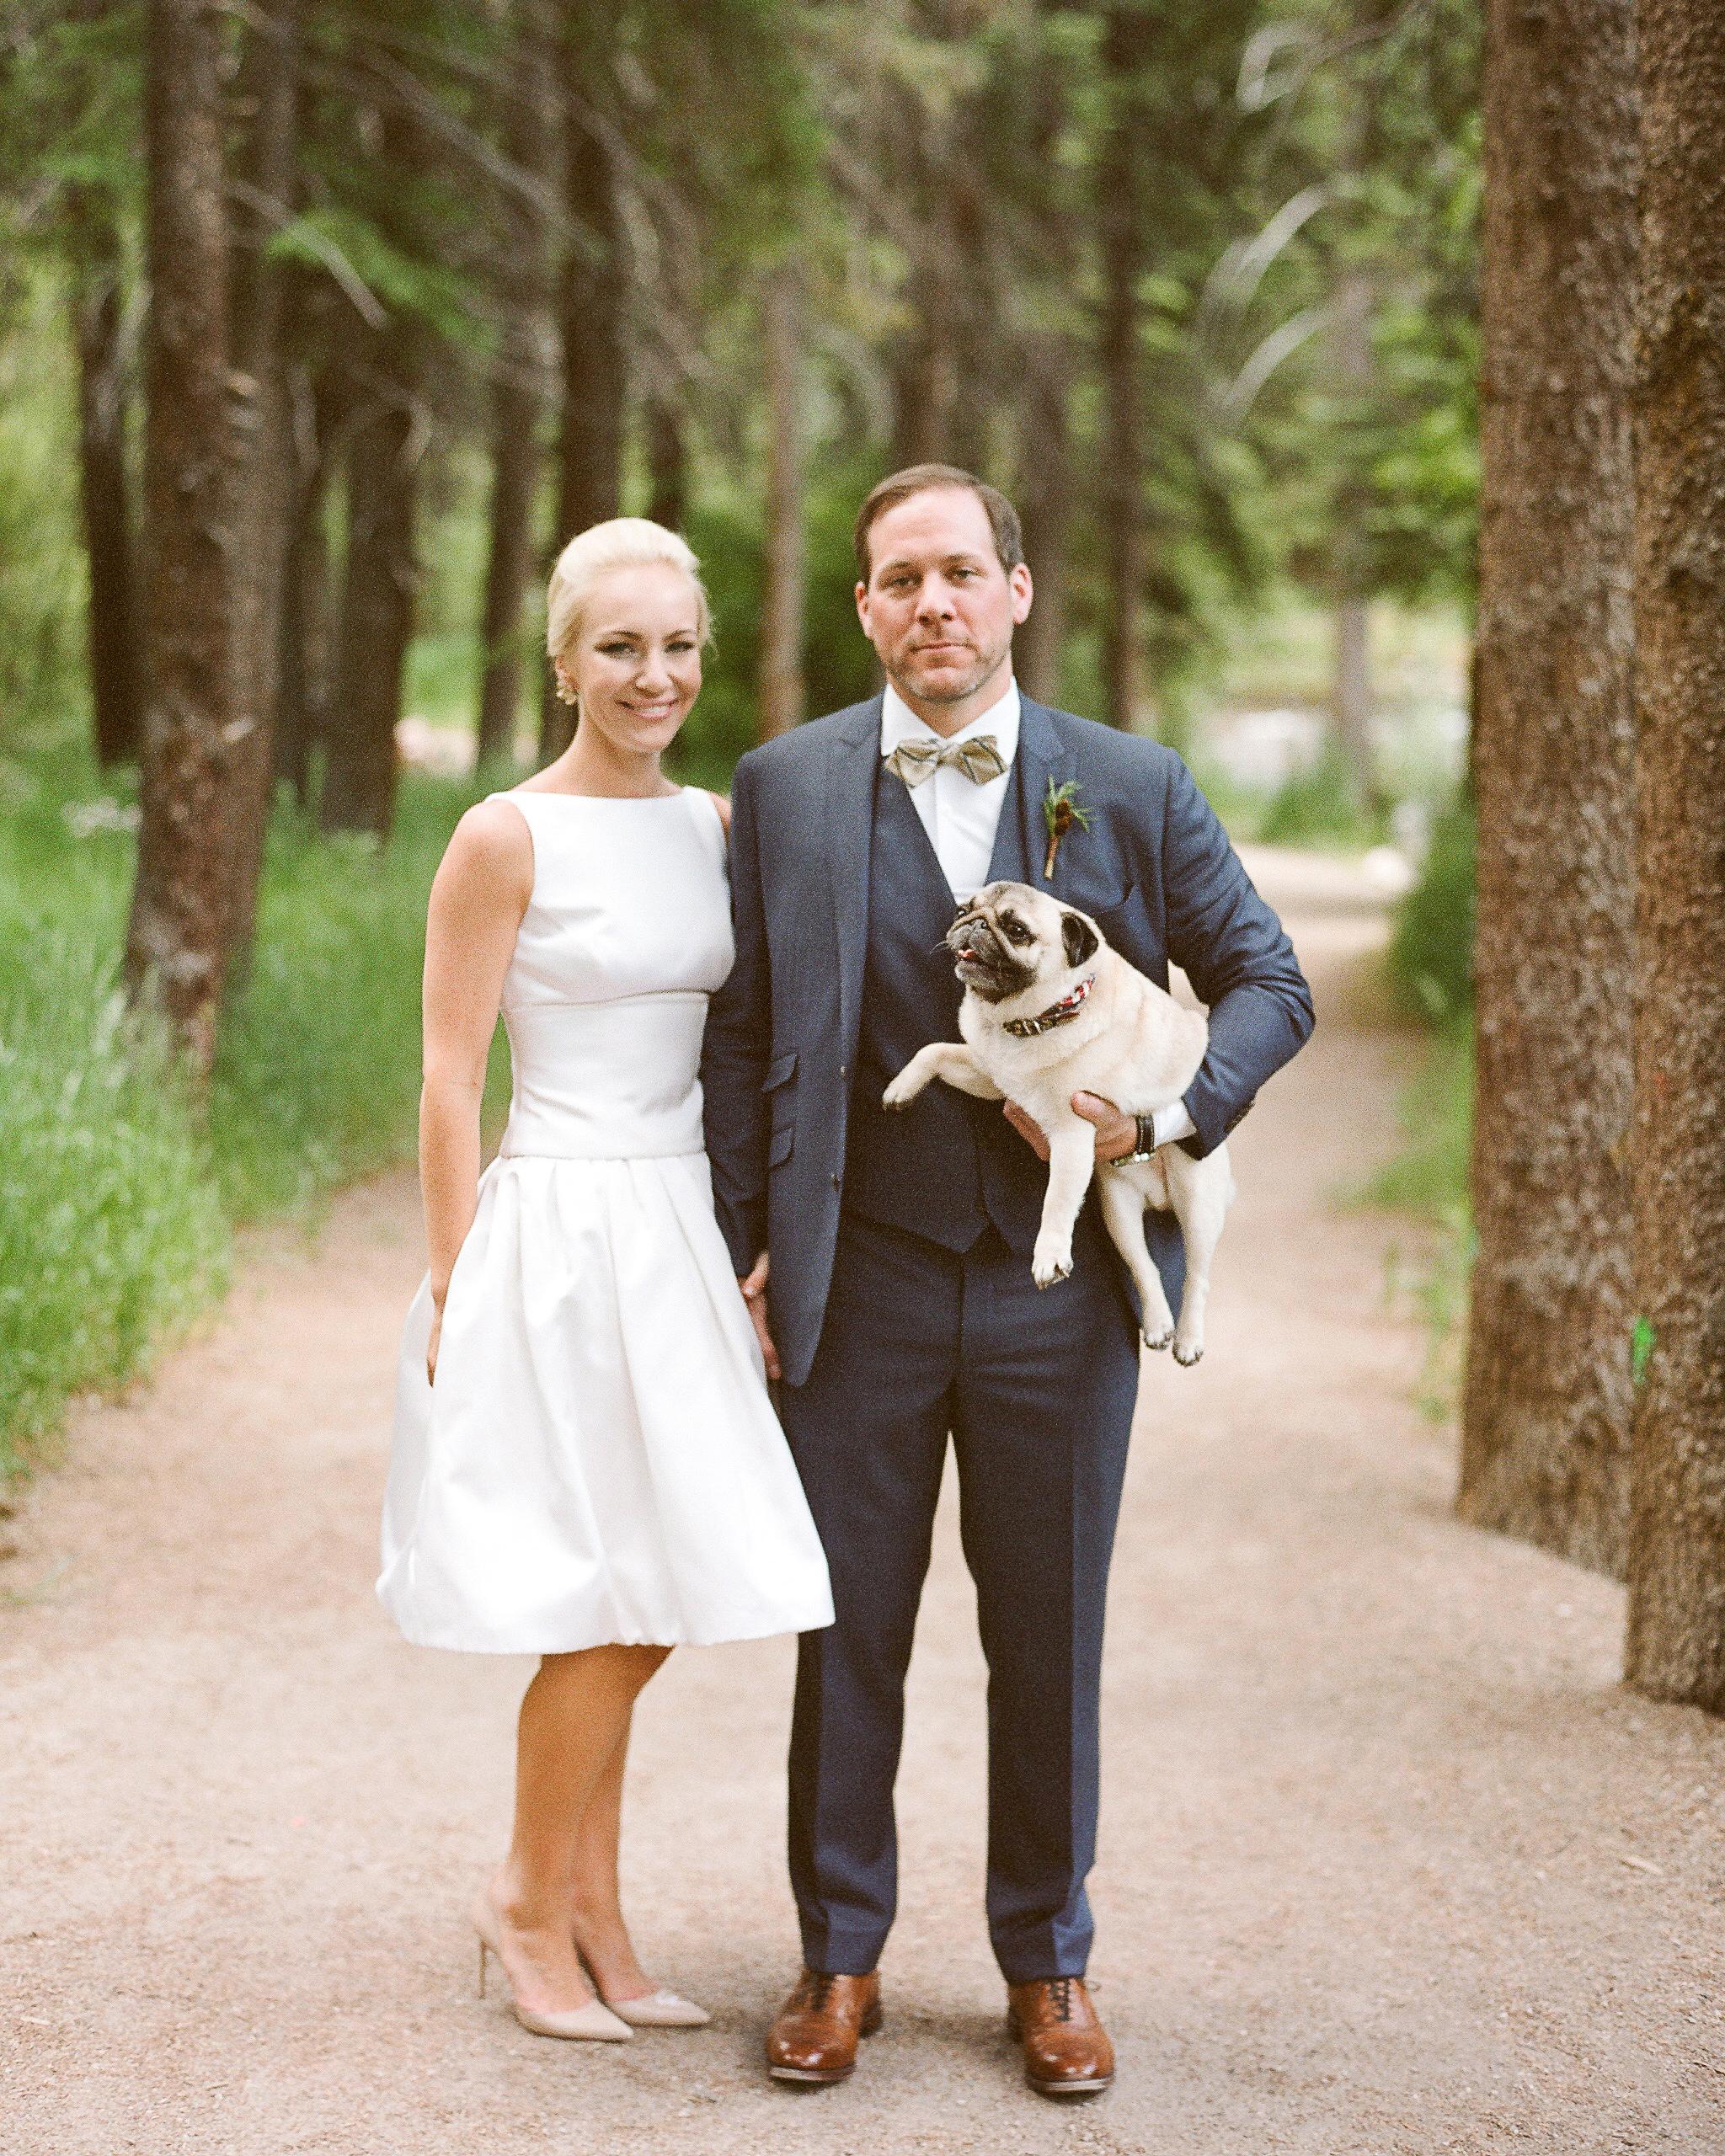 stacey-eric-wedding-couple-130-s111513-1014.jpg